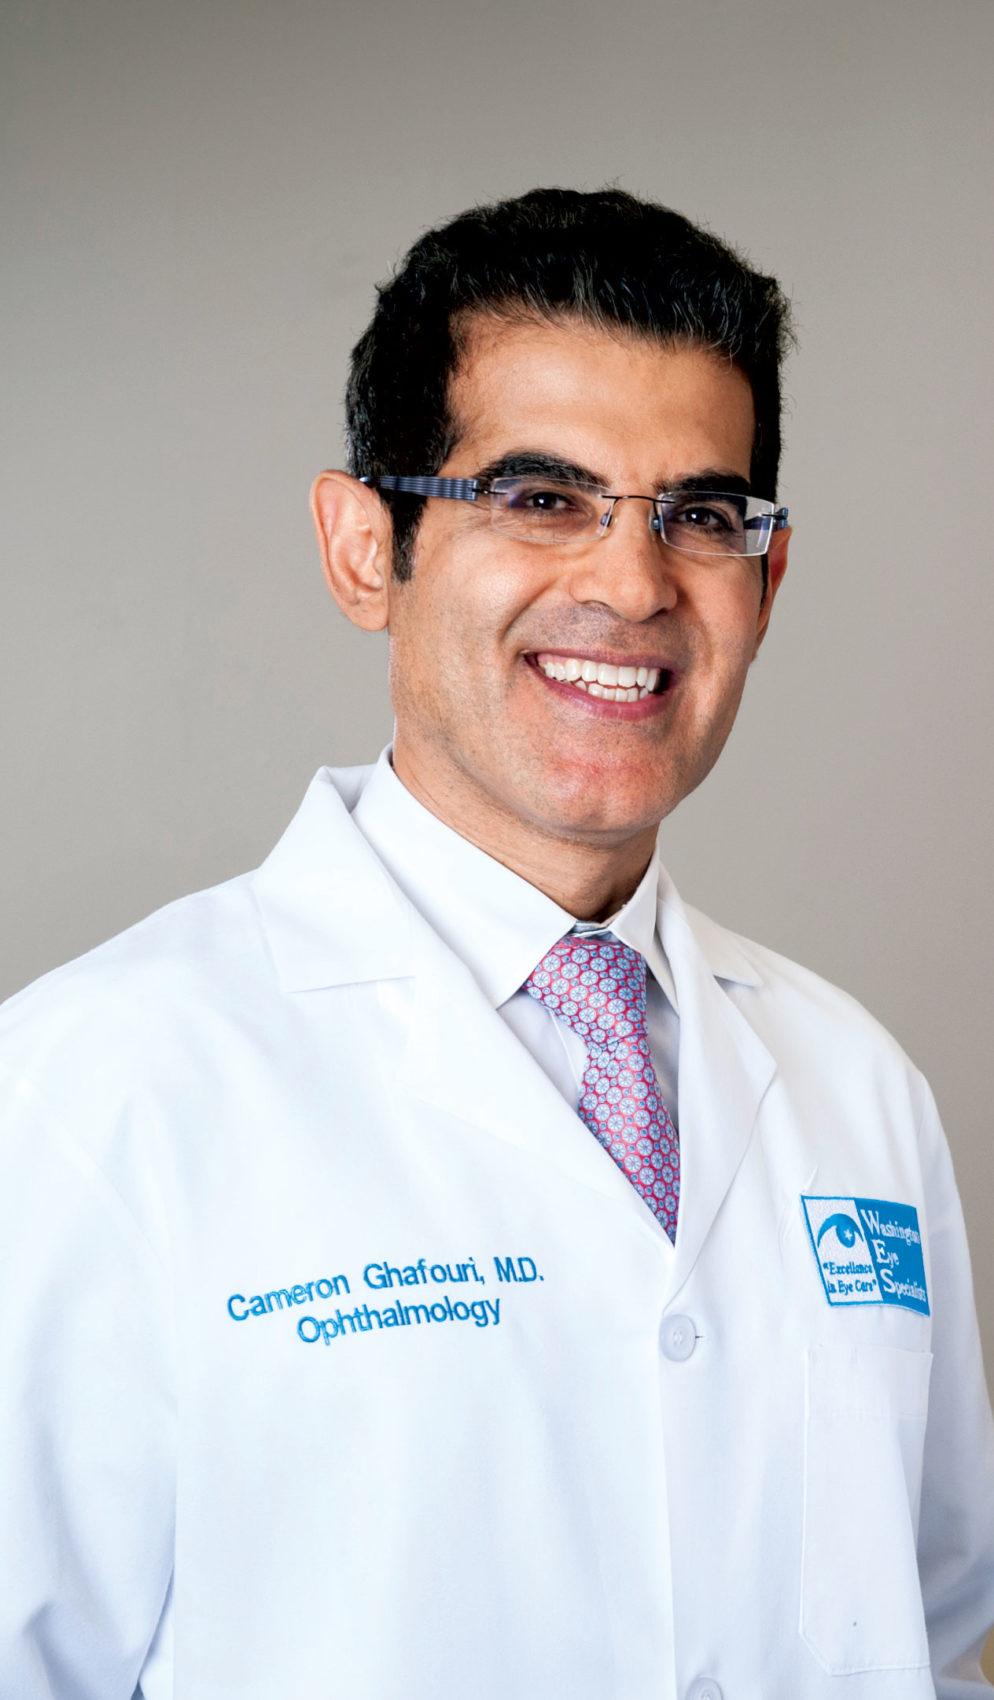 Cameron Ghafouri